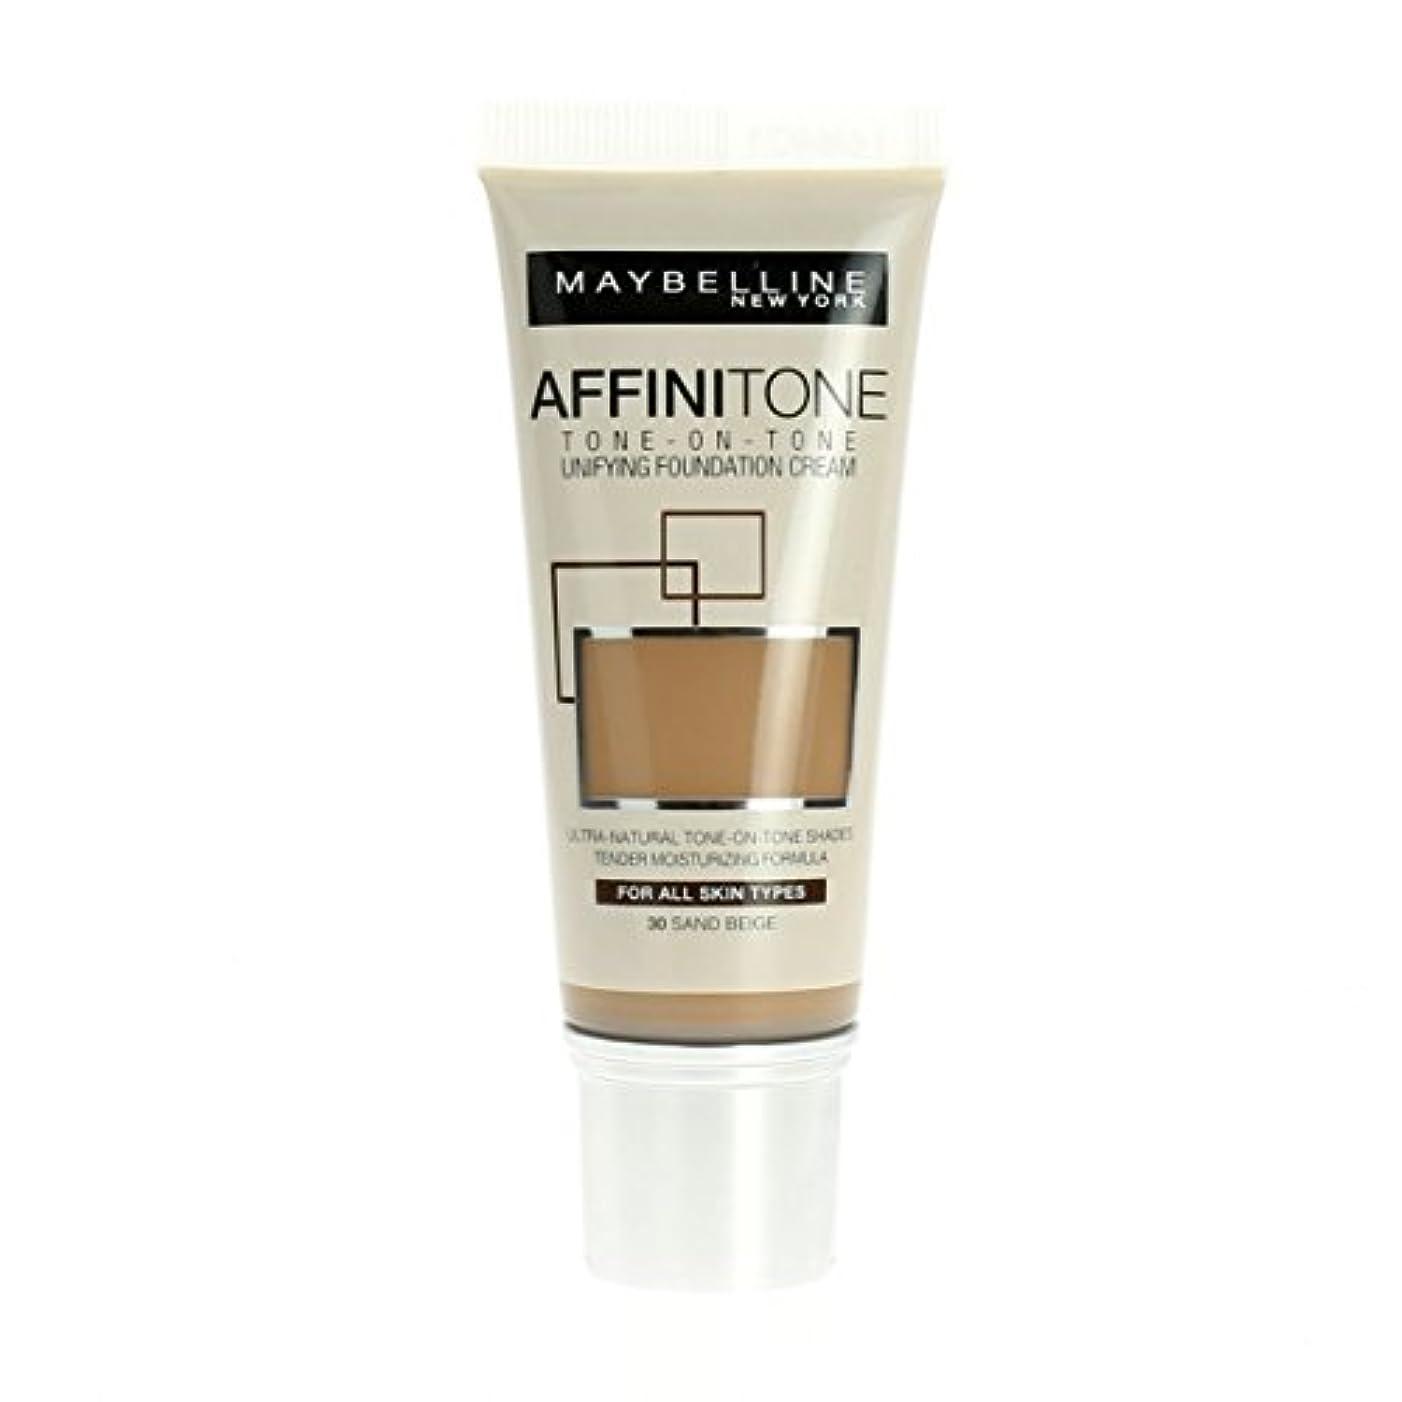 招待被るパネルMaybelline Affinitone Unifying Foundation Cream (30 Sand Beige) 30 ml